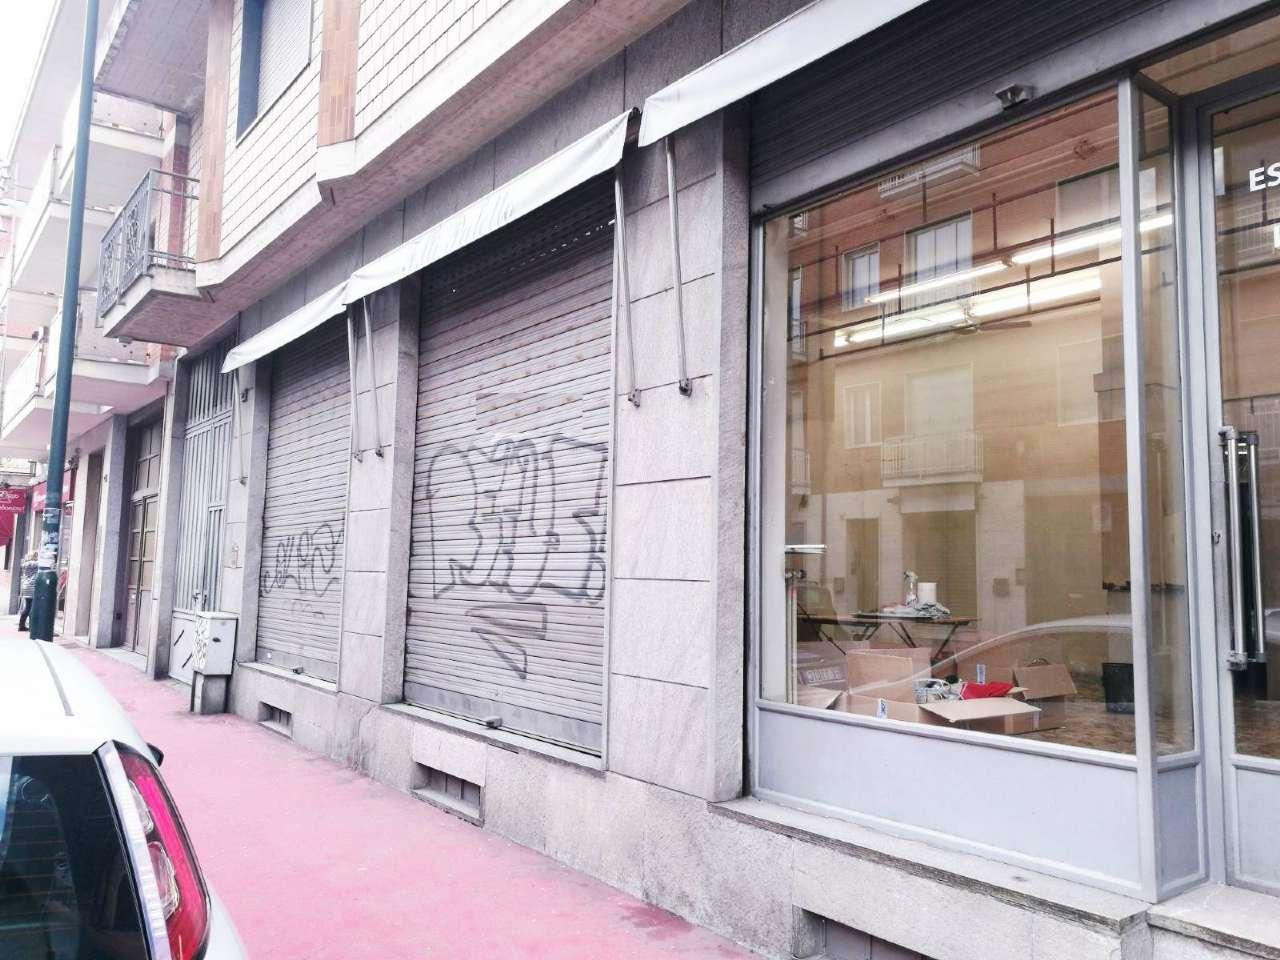 Negozio / Locale in affitto a Nichelino, 2 locali, prezzo € 1.300 | PortaleAgenzieImmobiliari.it